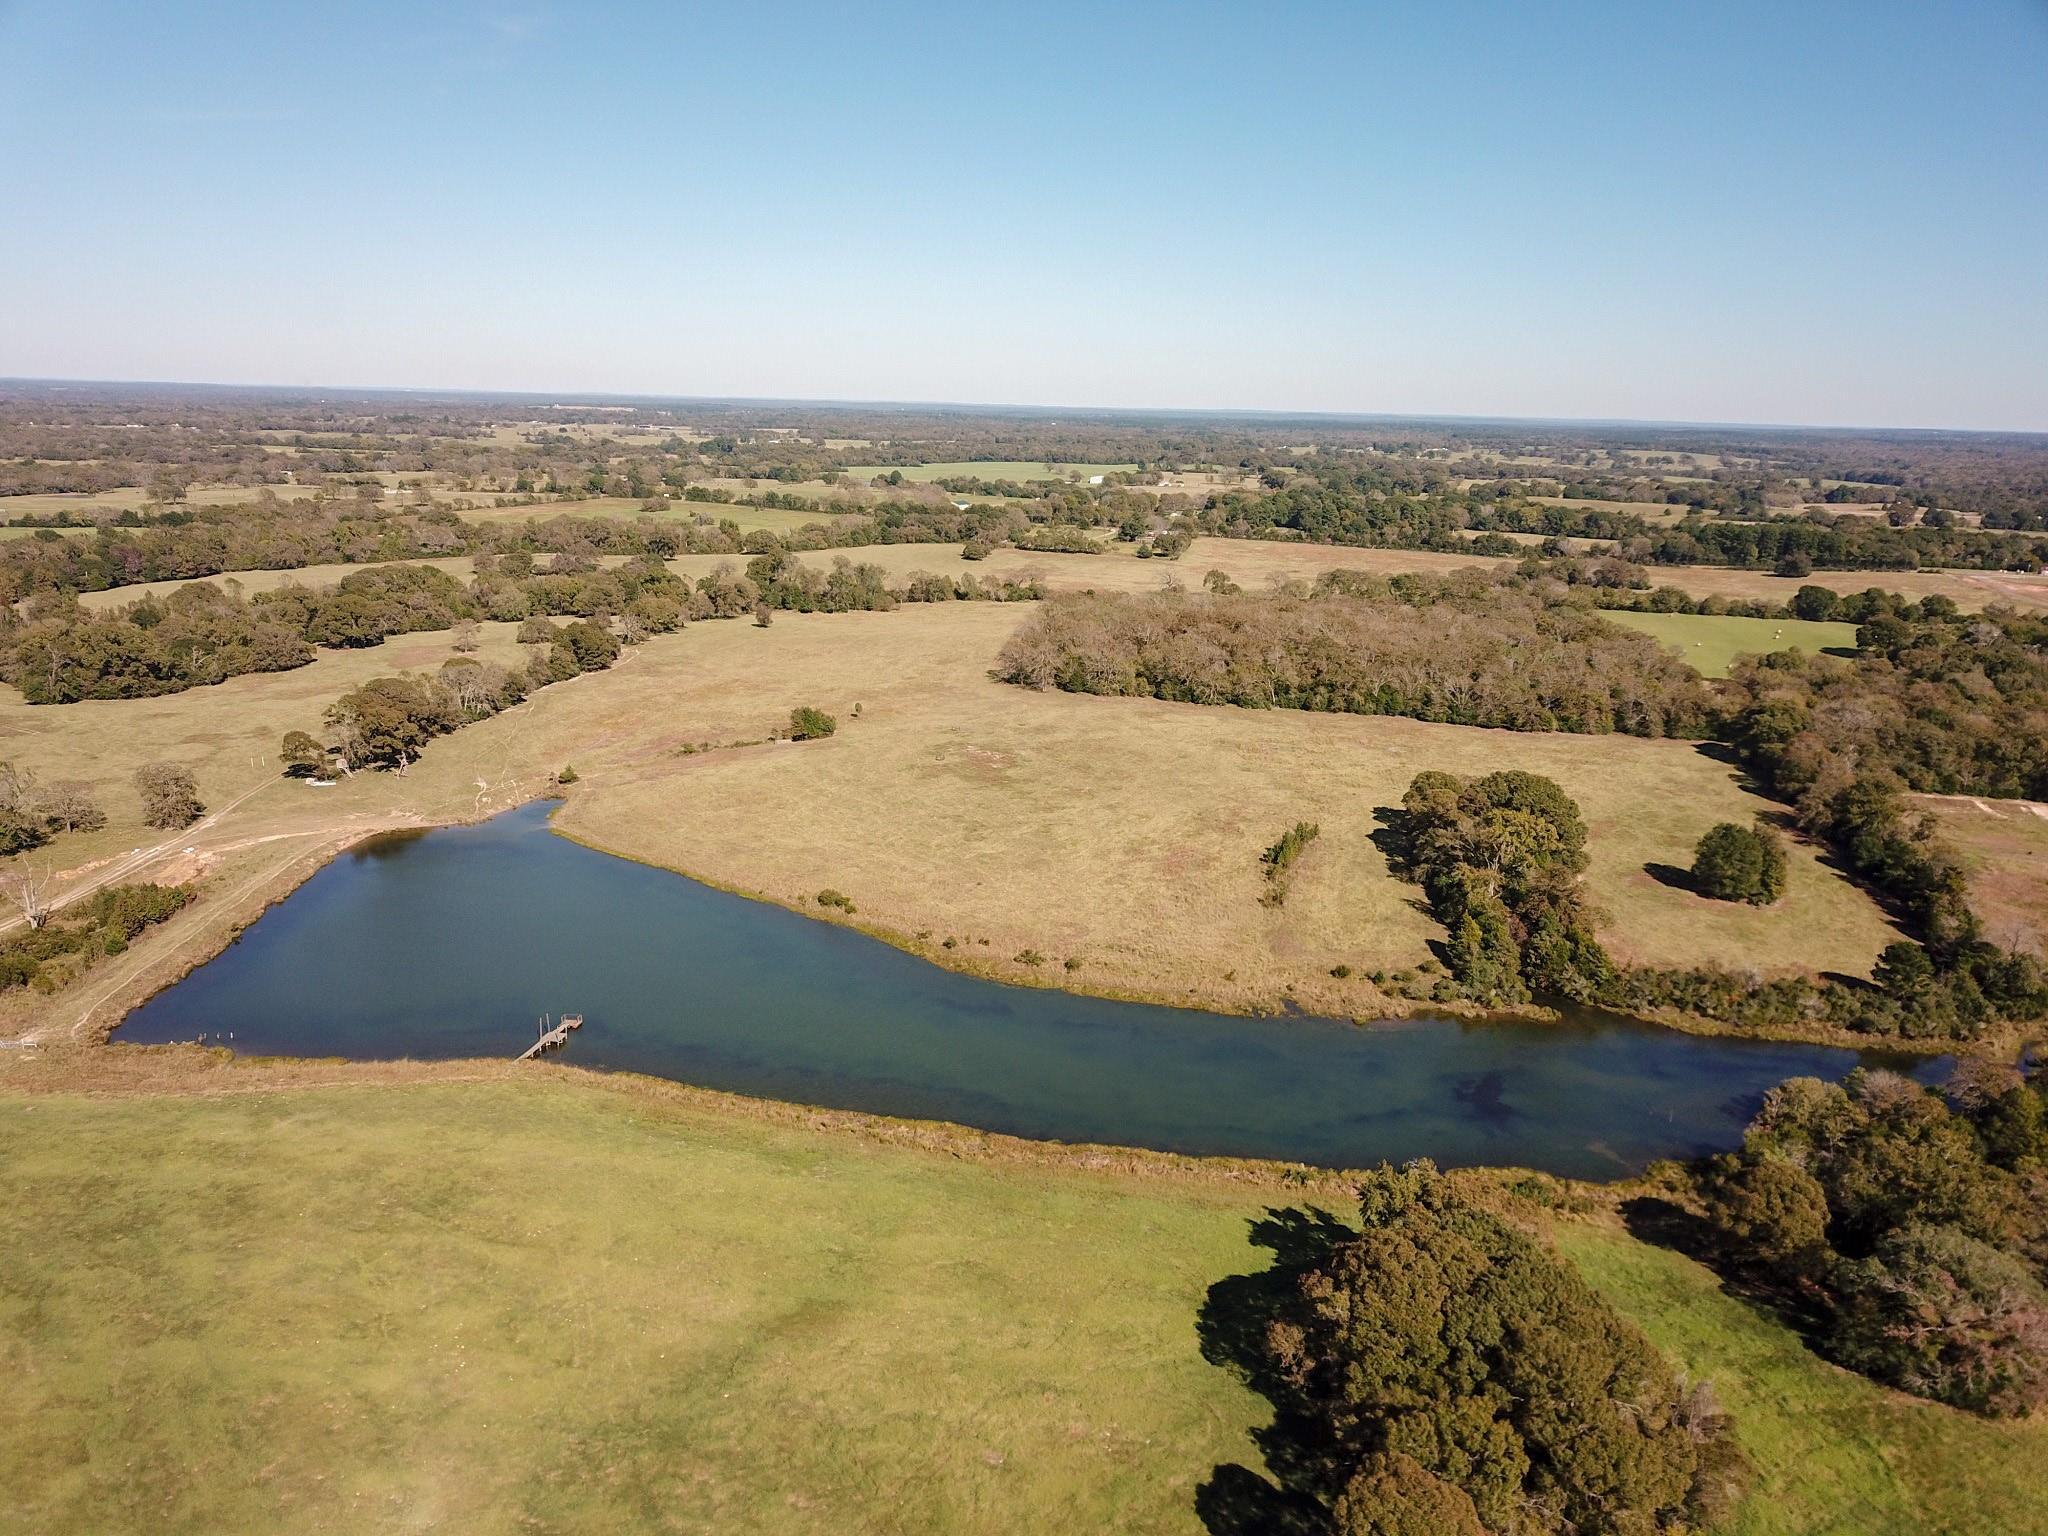 22199 IH 45 Feeder RD N Property Photo - Buffalo, TX real estate listing